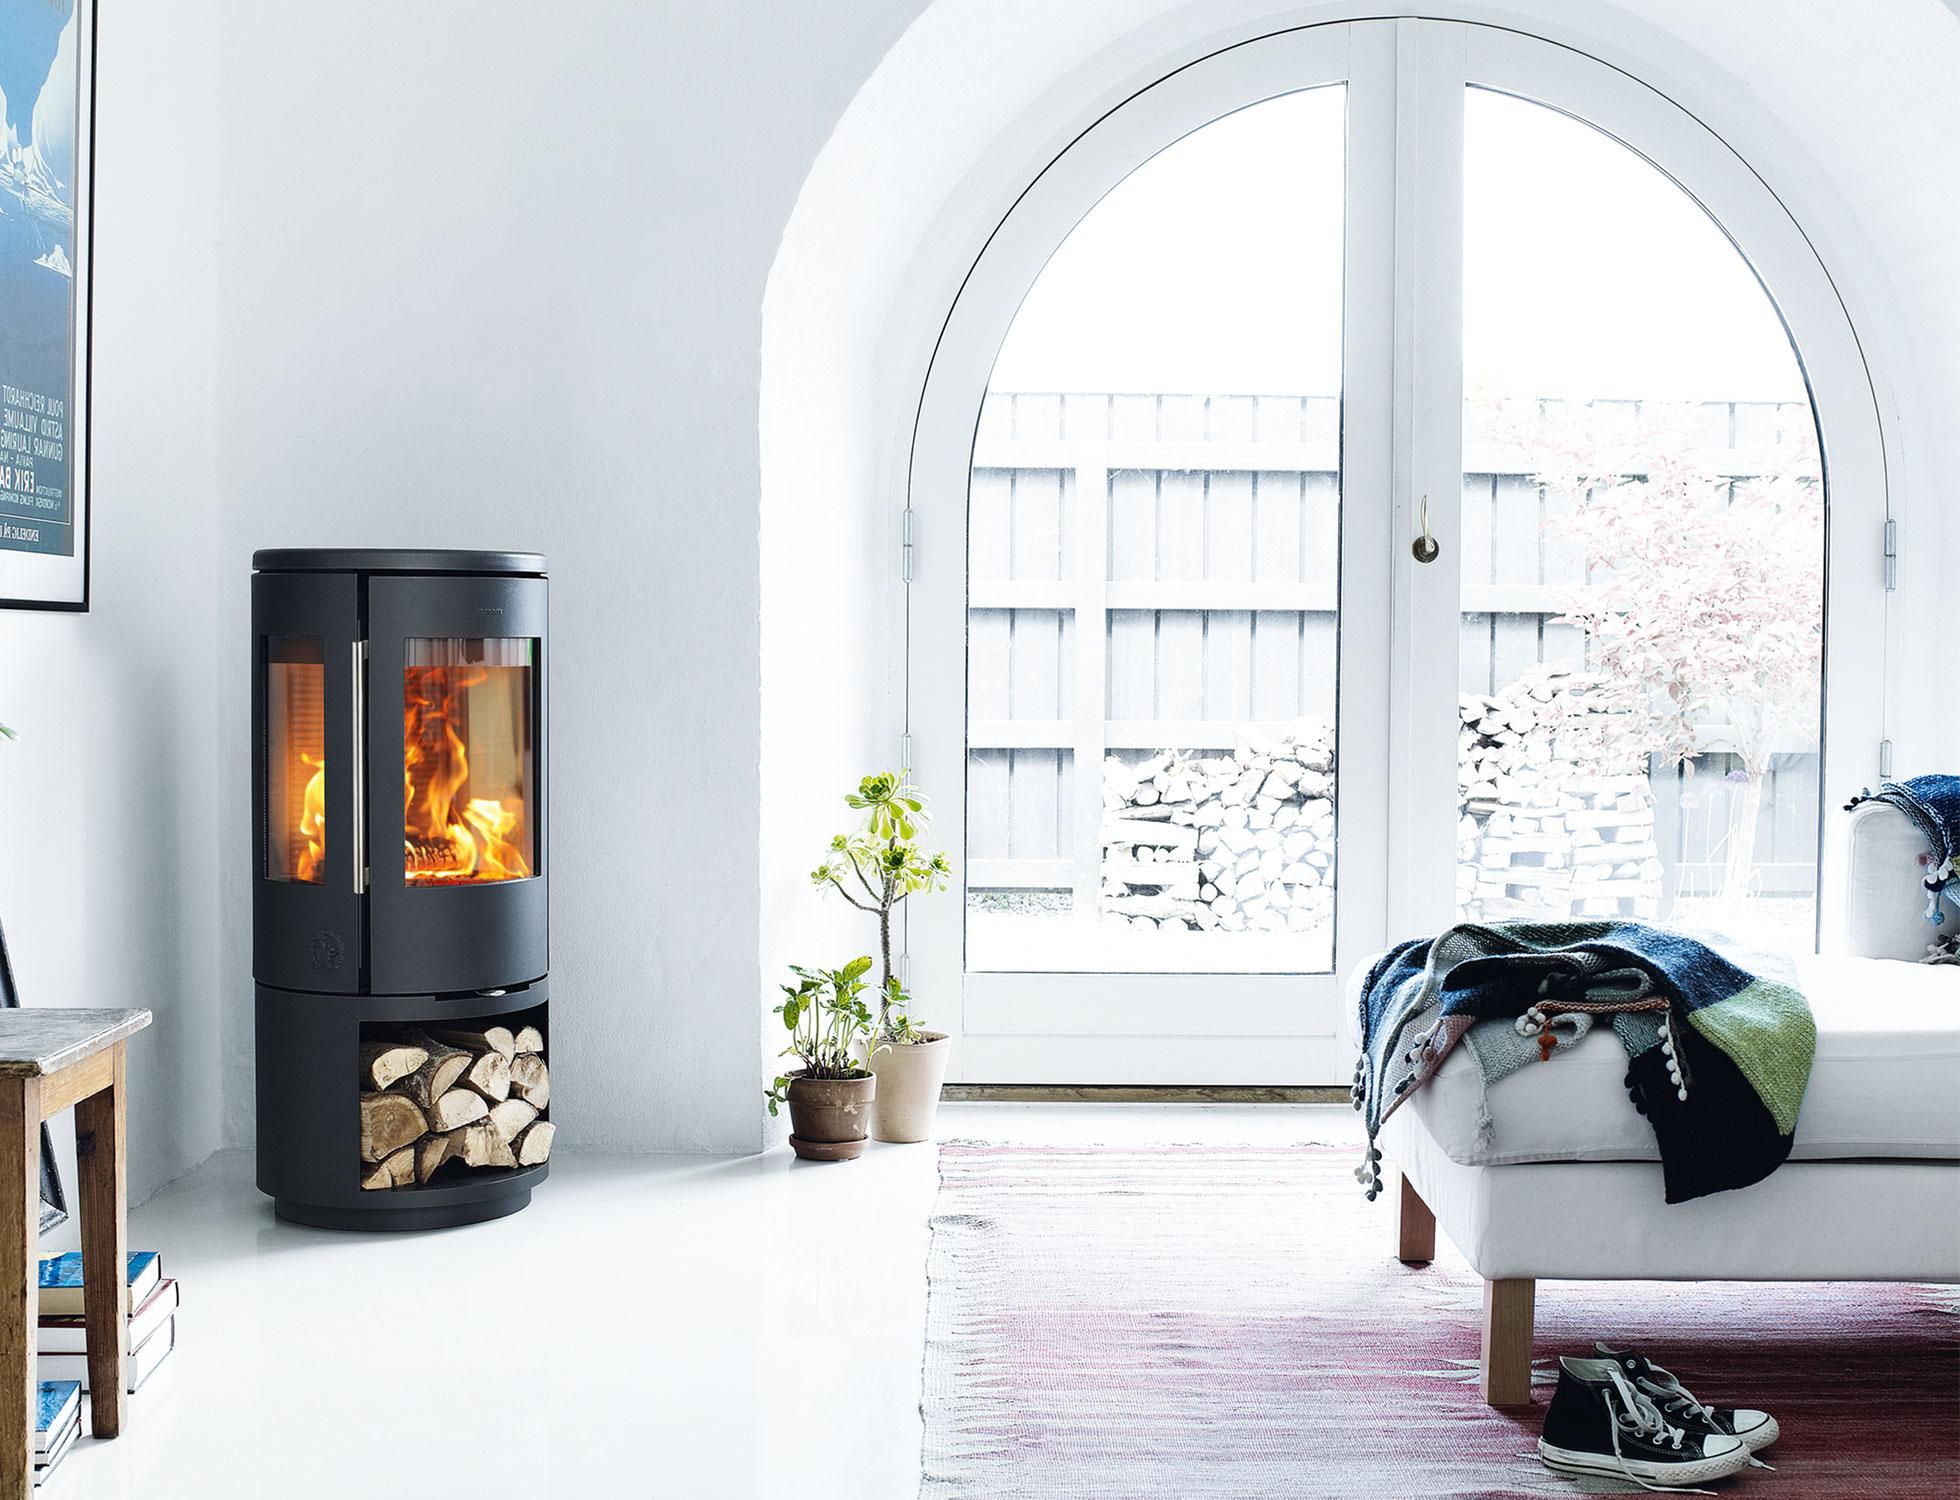 kaminofen kaufen ofenoutlet kiel. Black Bedroom Furniture Sets. Home Design Ideas